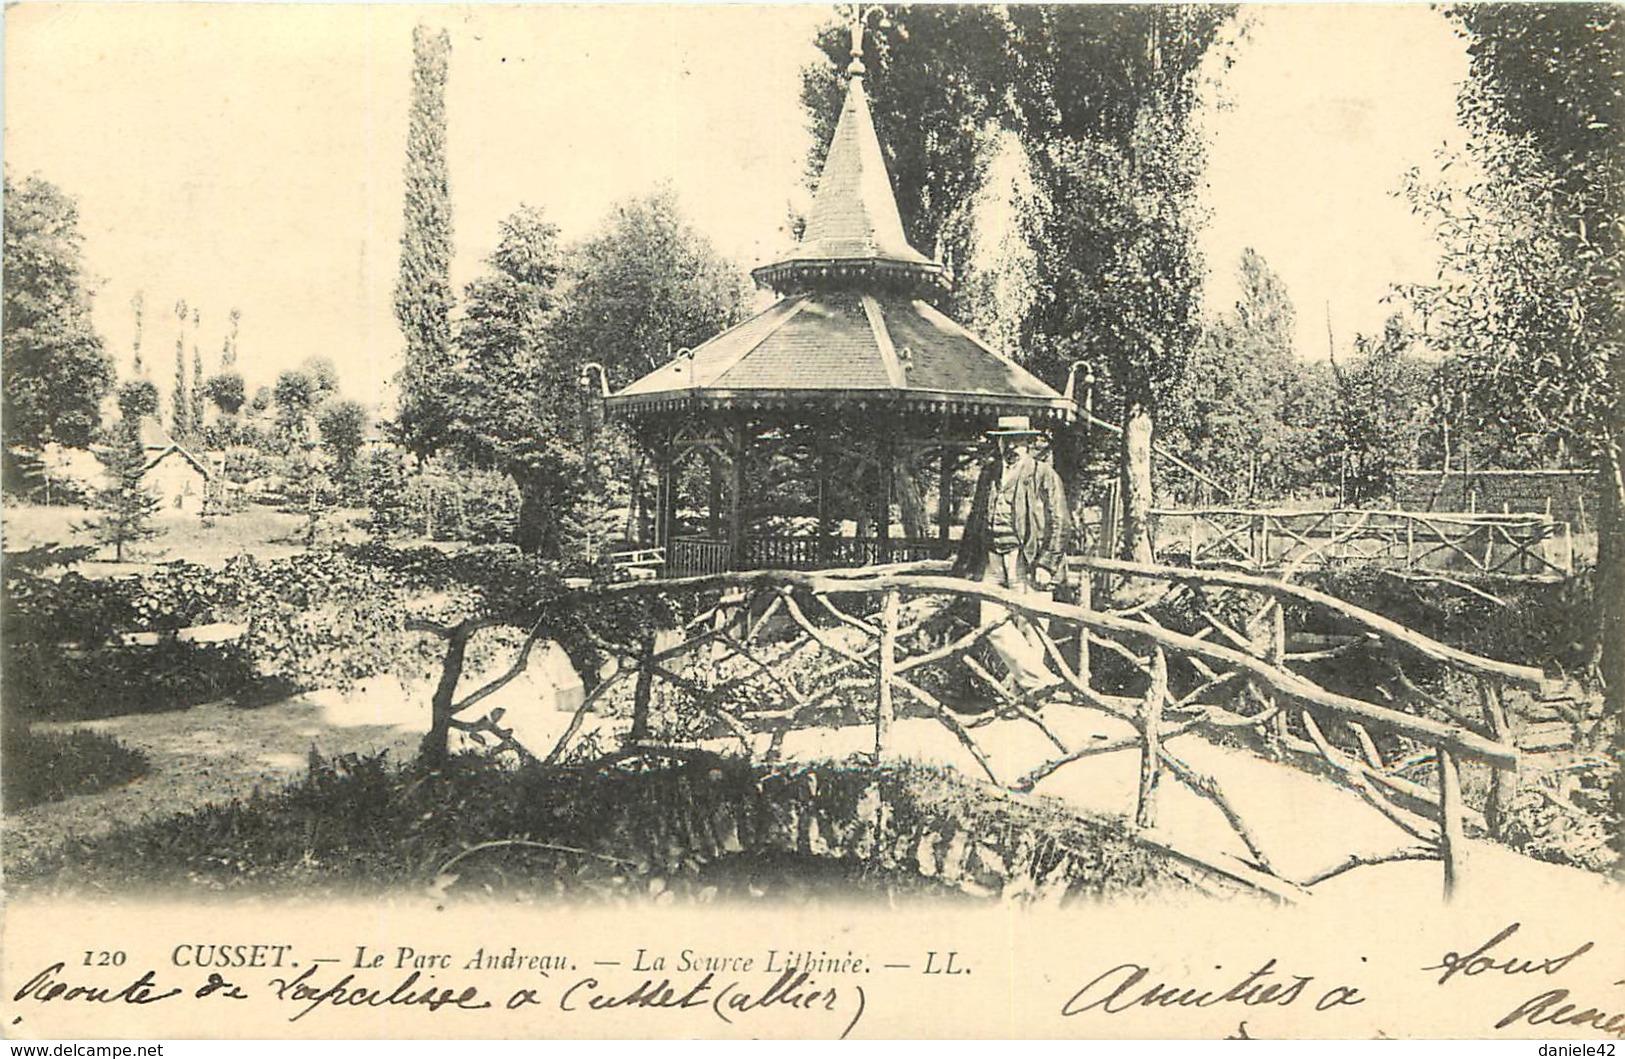 03 - CUSSET - Le Parc Andreau - La Source  Litbinée - Frankrijk